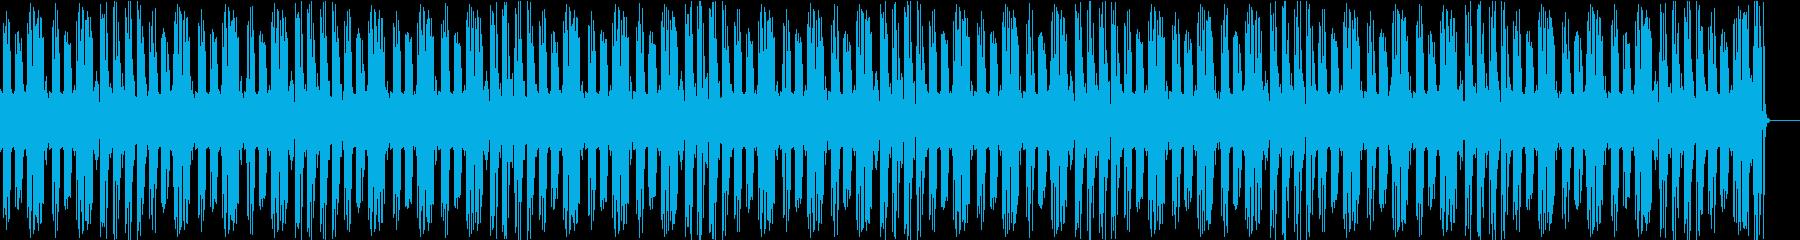 軽快なピアノソロでガーシュインの名曲の再生済みの波形